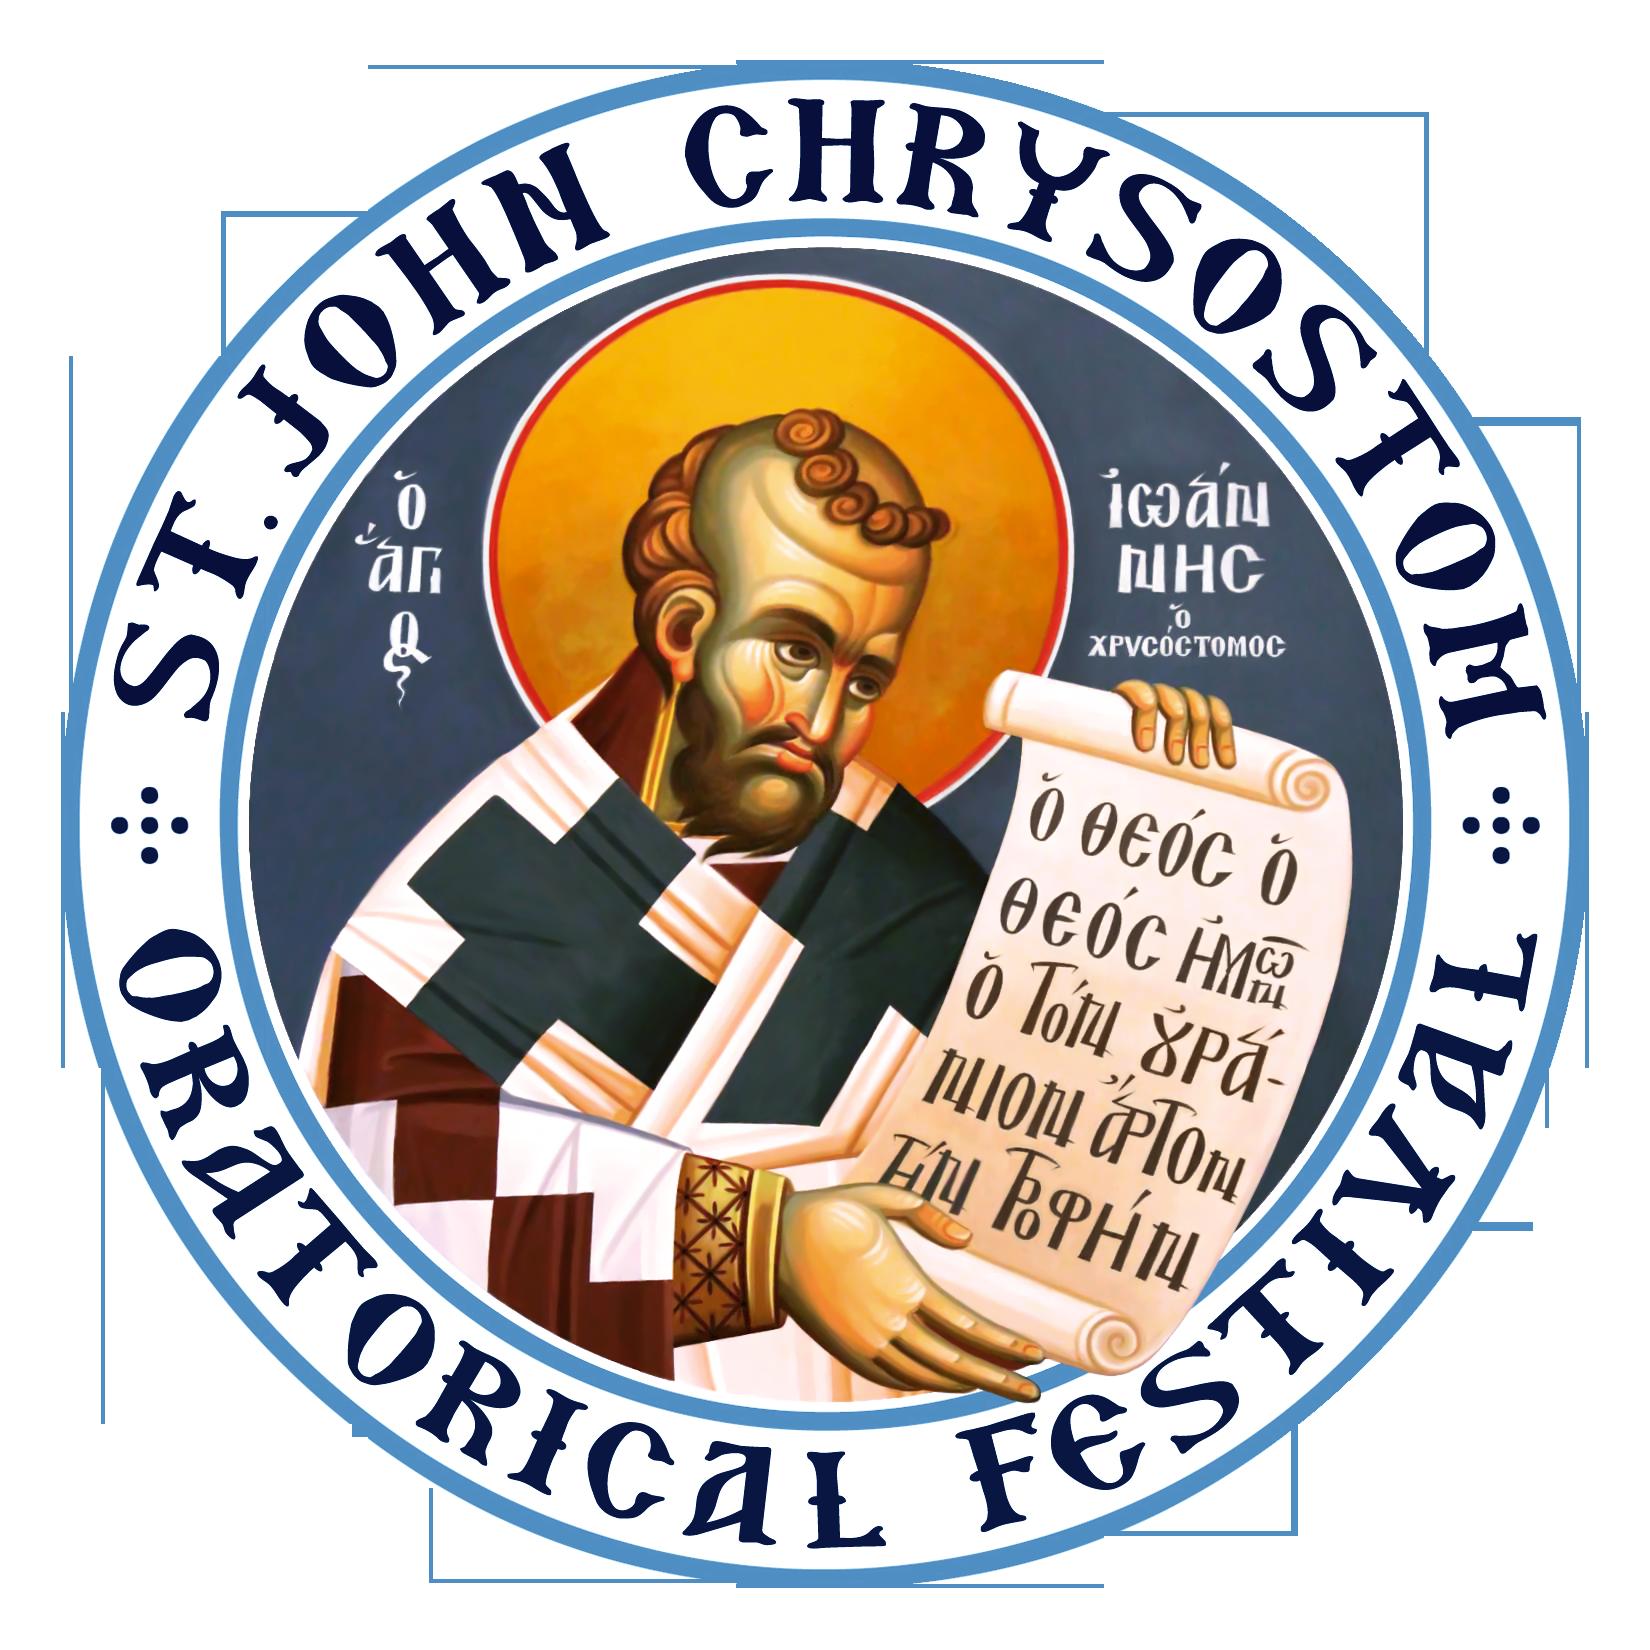 St_John_Chrysostom_Oratorical_Festival_Full_Color.png